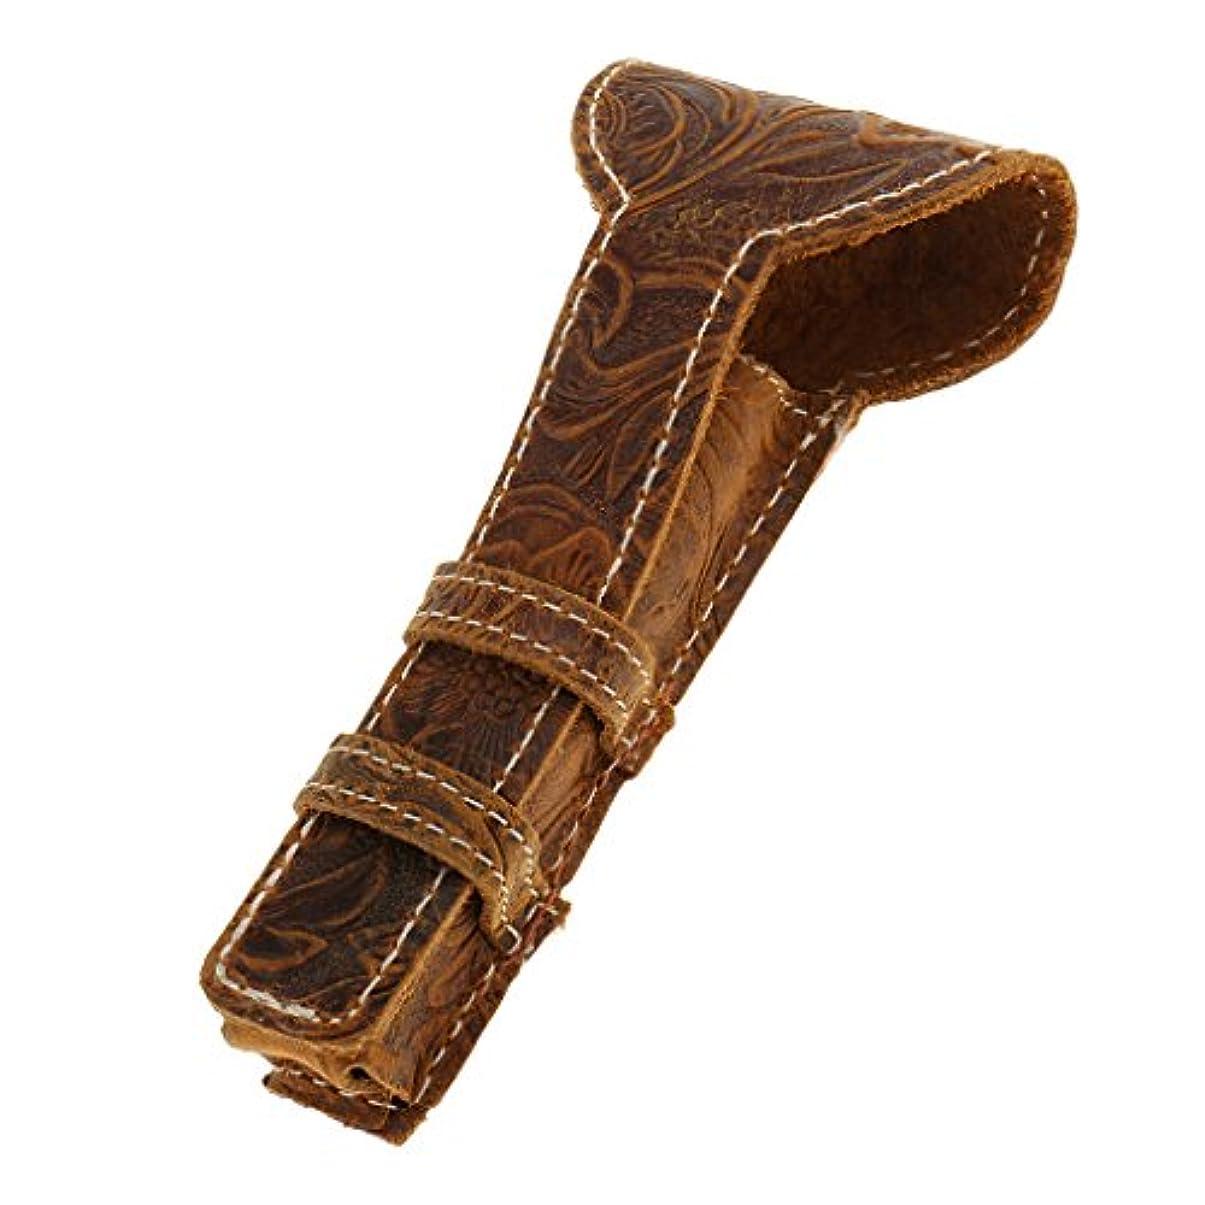 透けて見える舌な肺Baosity カミソリケース 剃刀ケース 高品質 レザー製 両刃カミソリ対応 カミソリ収納ケース